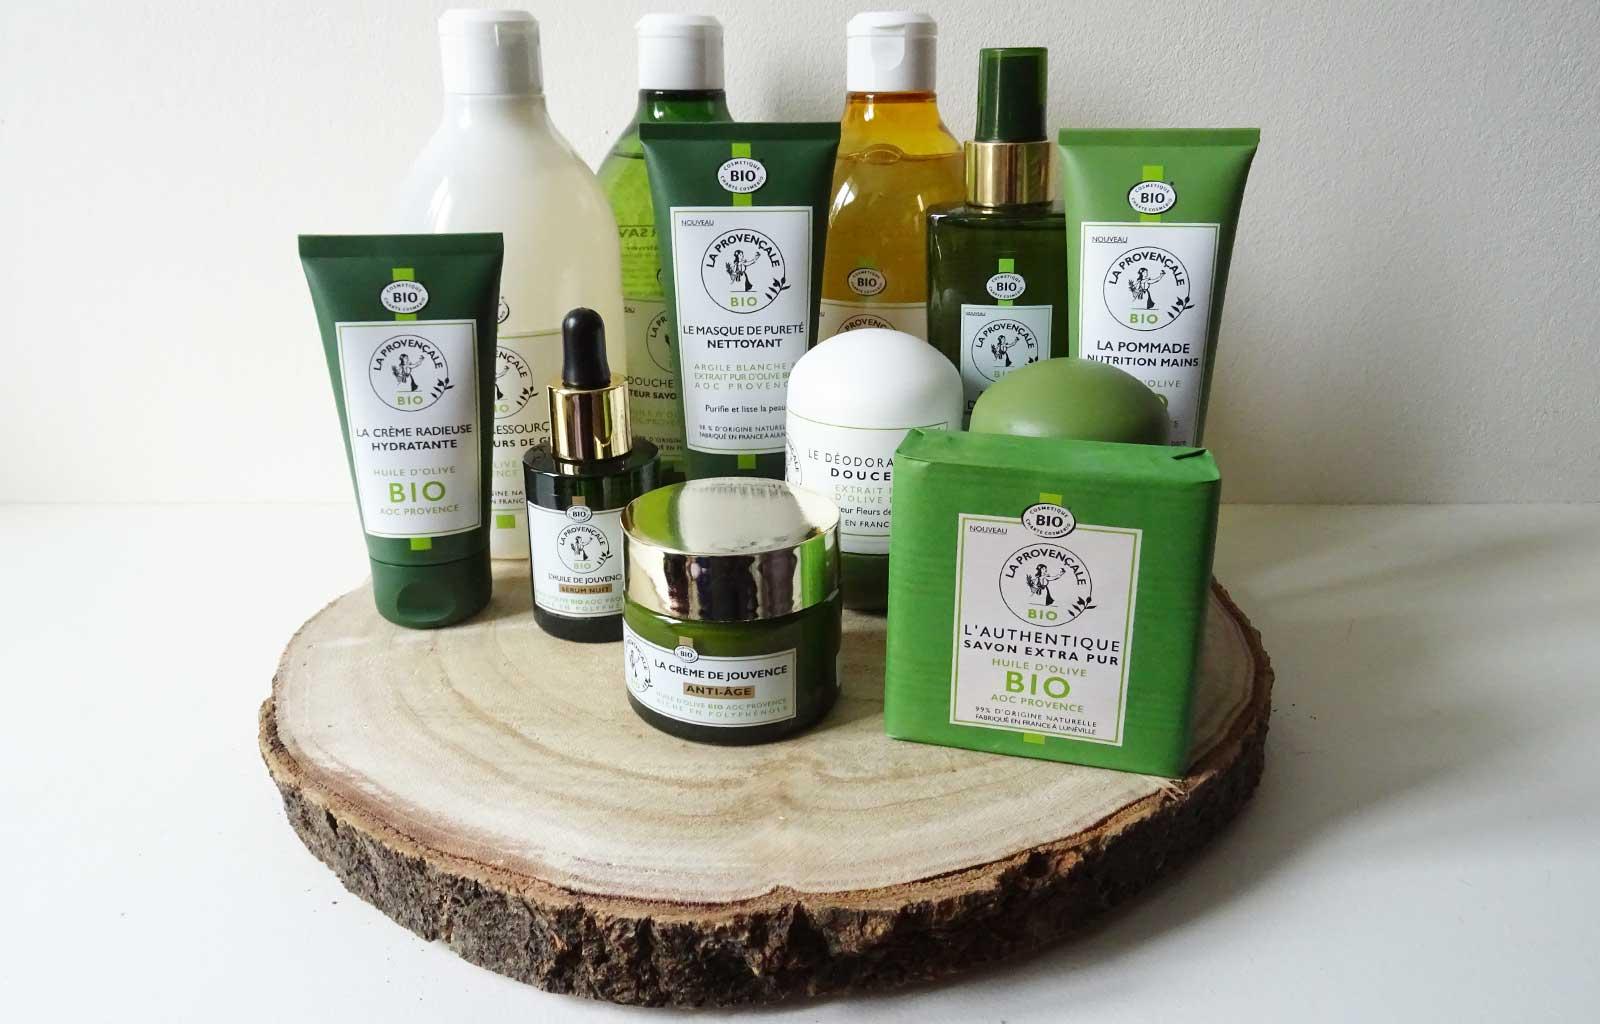 Marque soins et hygiène bio naturelle La Provençale